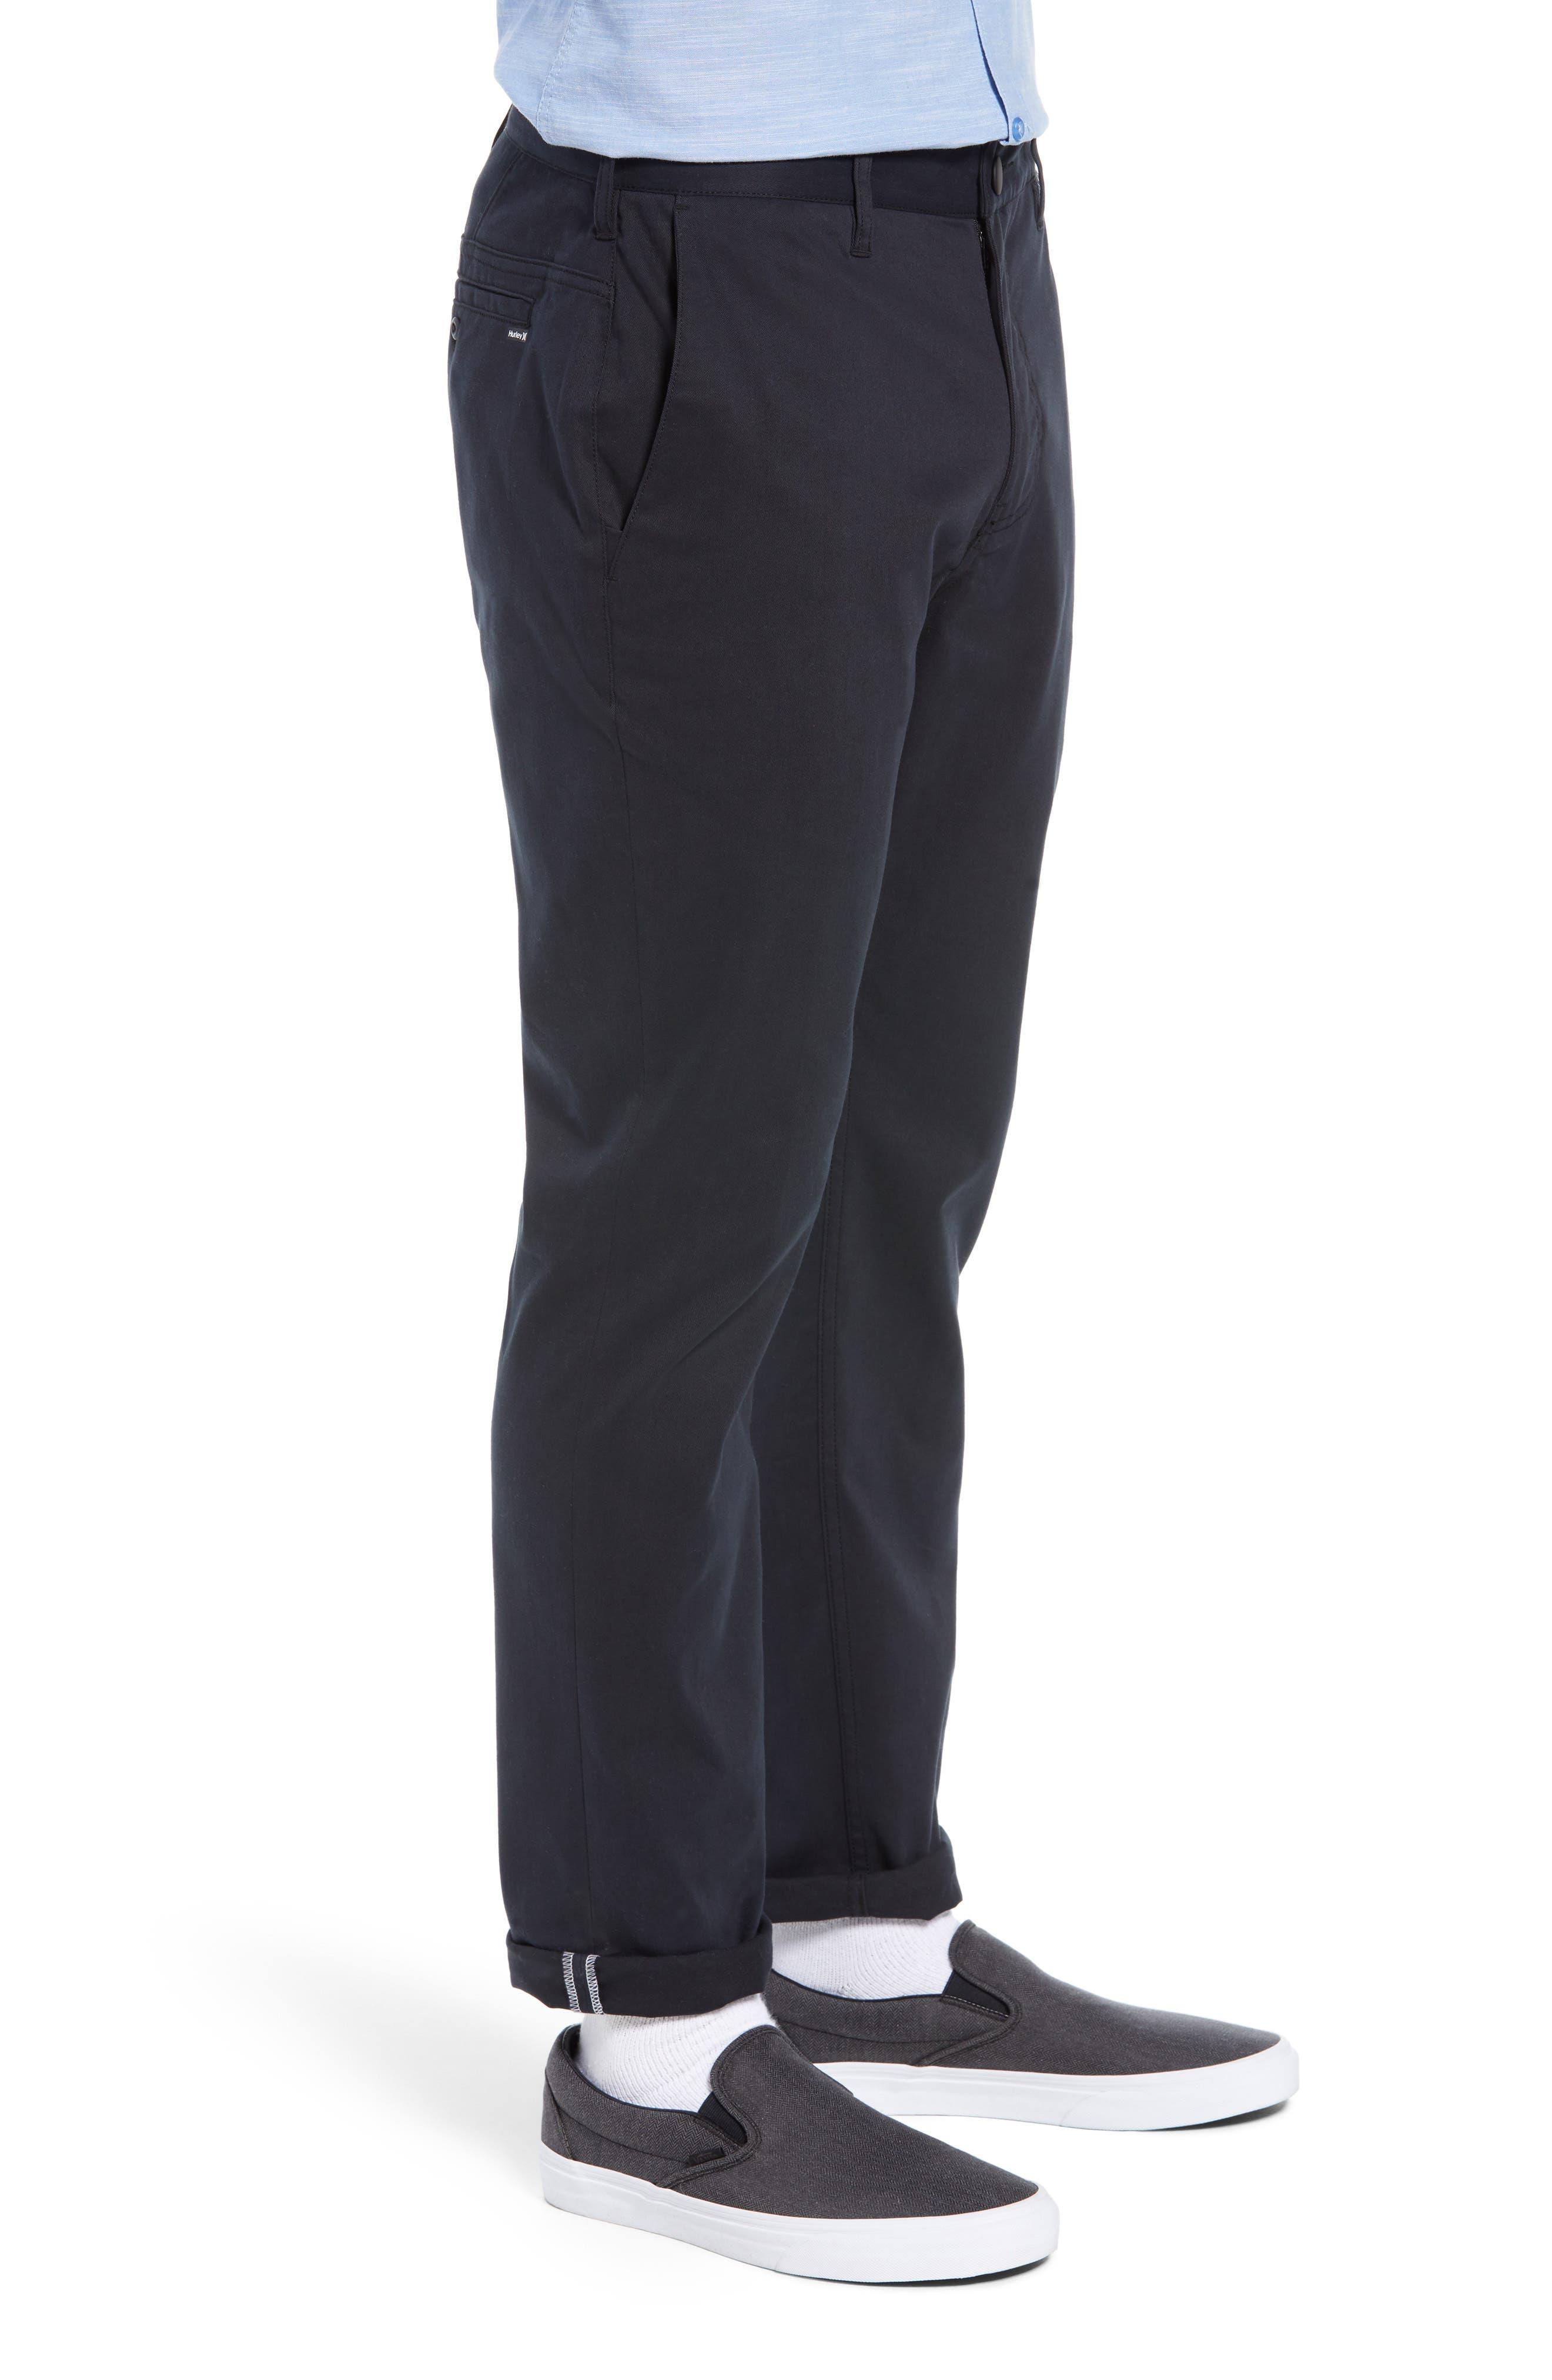 Dri-FIT Pants,                             Alternate thumbnail 3, color,                             BLACK